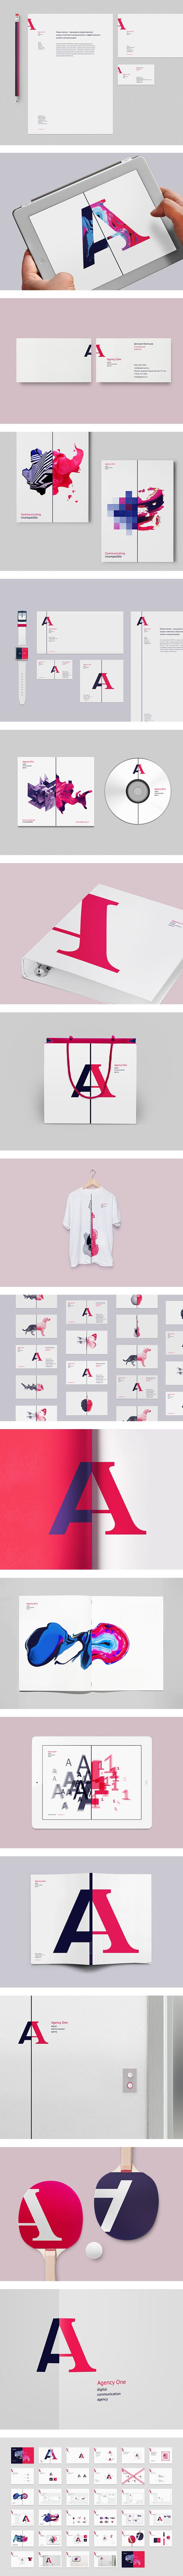 Agency One Identity by Vova Lifinov. 15 Striking Examples of Identity. #inspiration #design #identity #branding